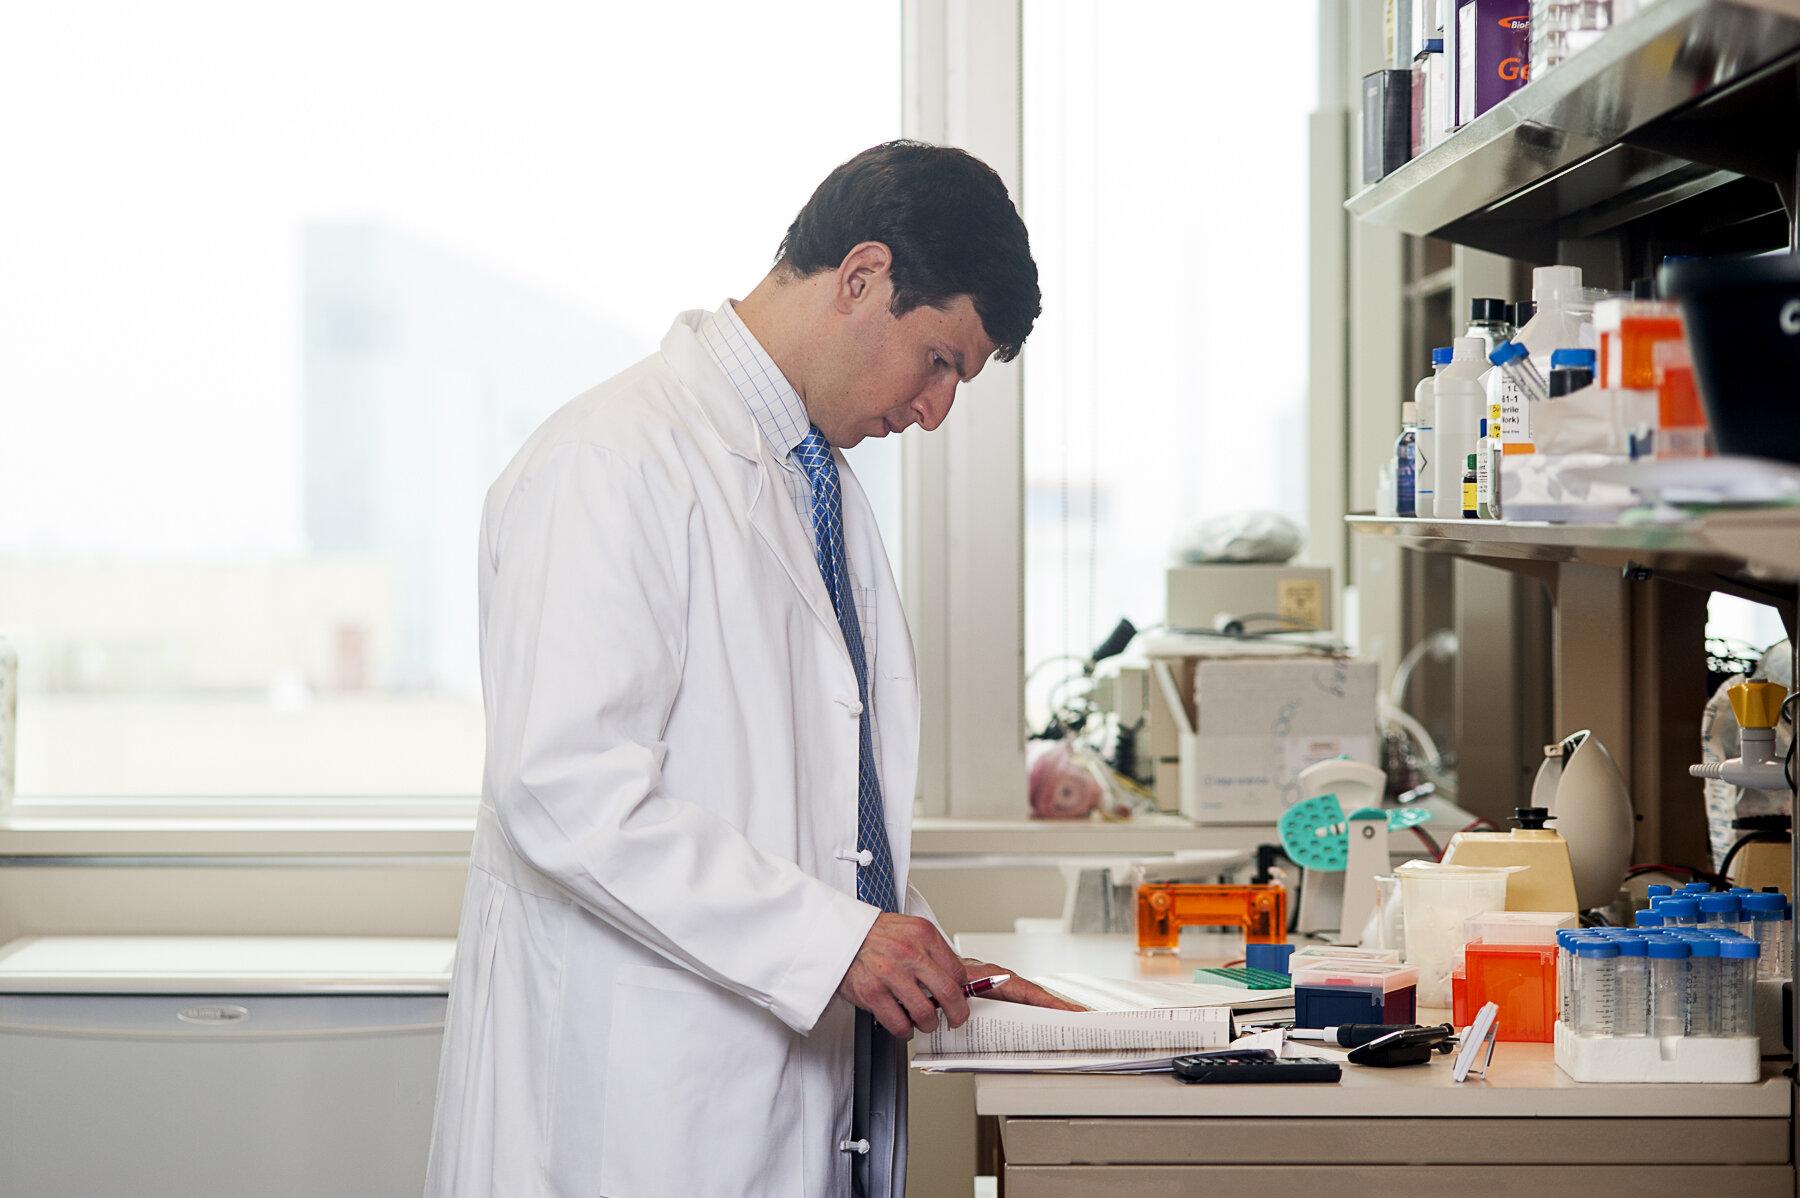 Behandlung Arzt getestet auf sich selbst kann andere stellen, in remission